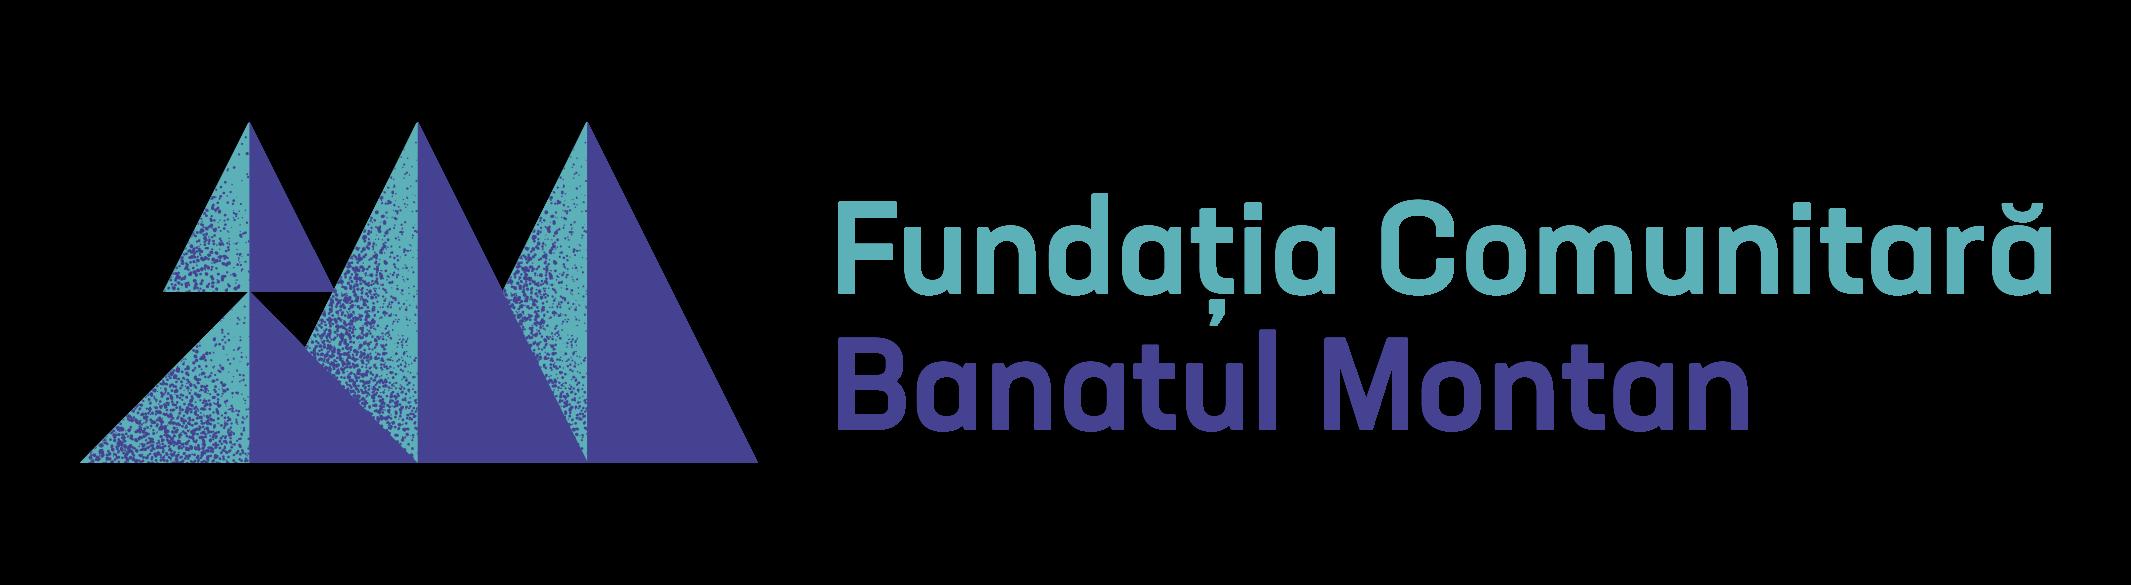 Fundatia Comunitara Banatul Montan